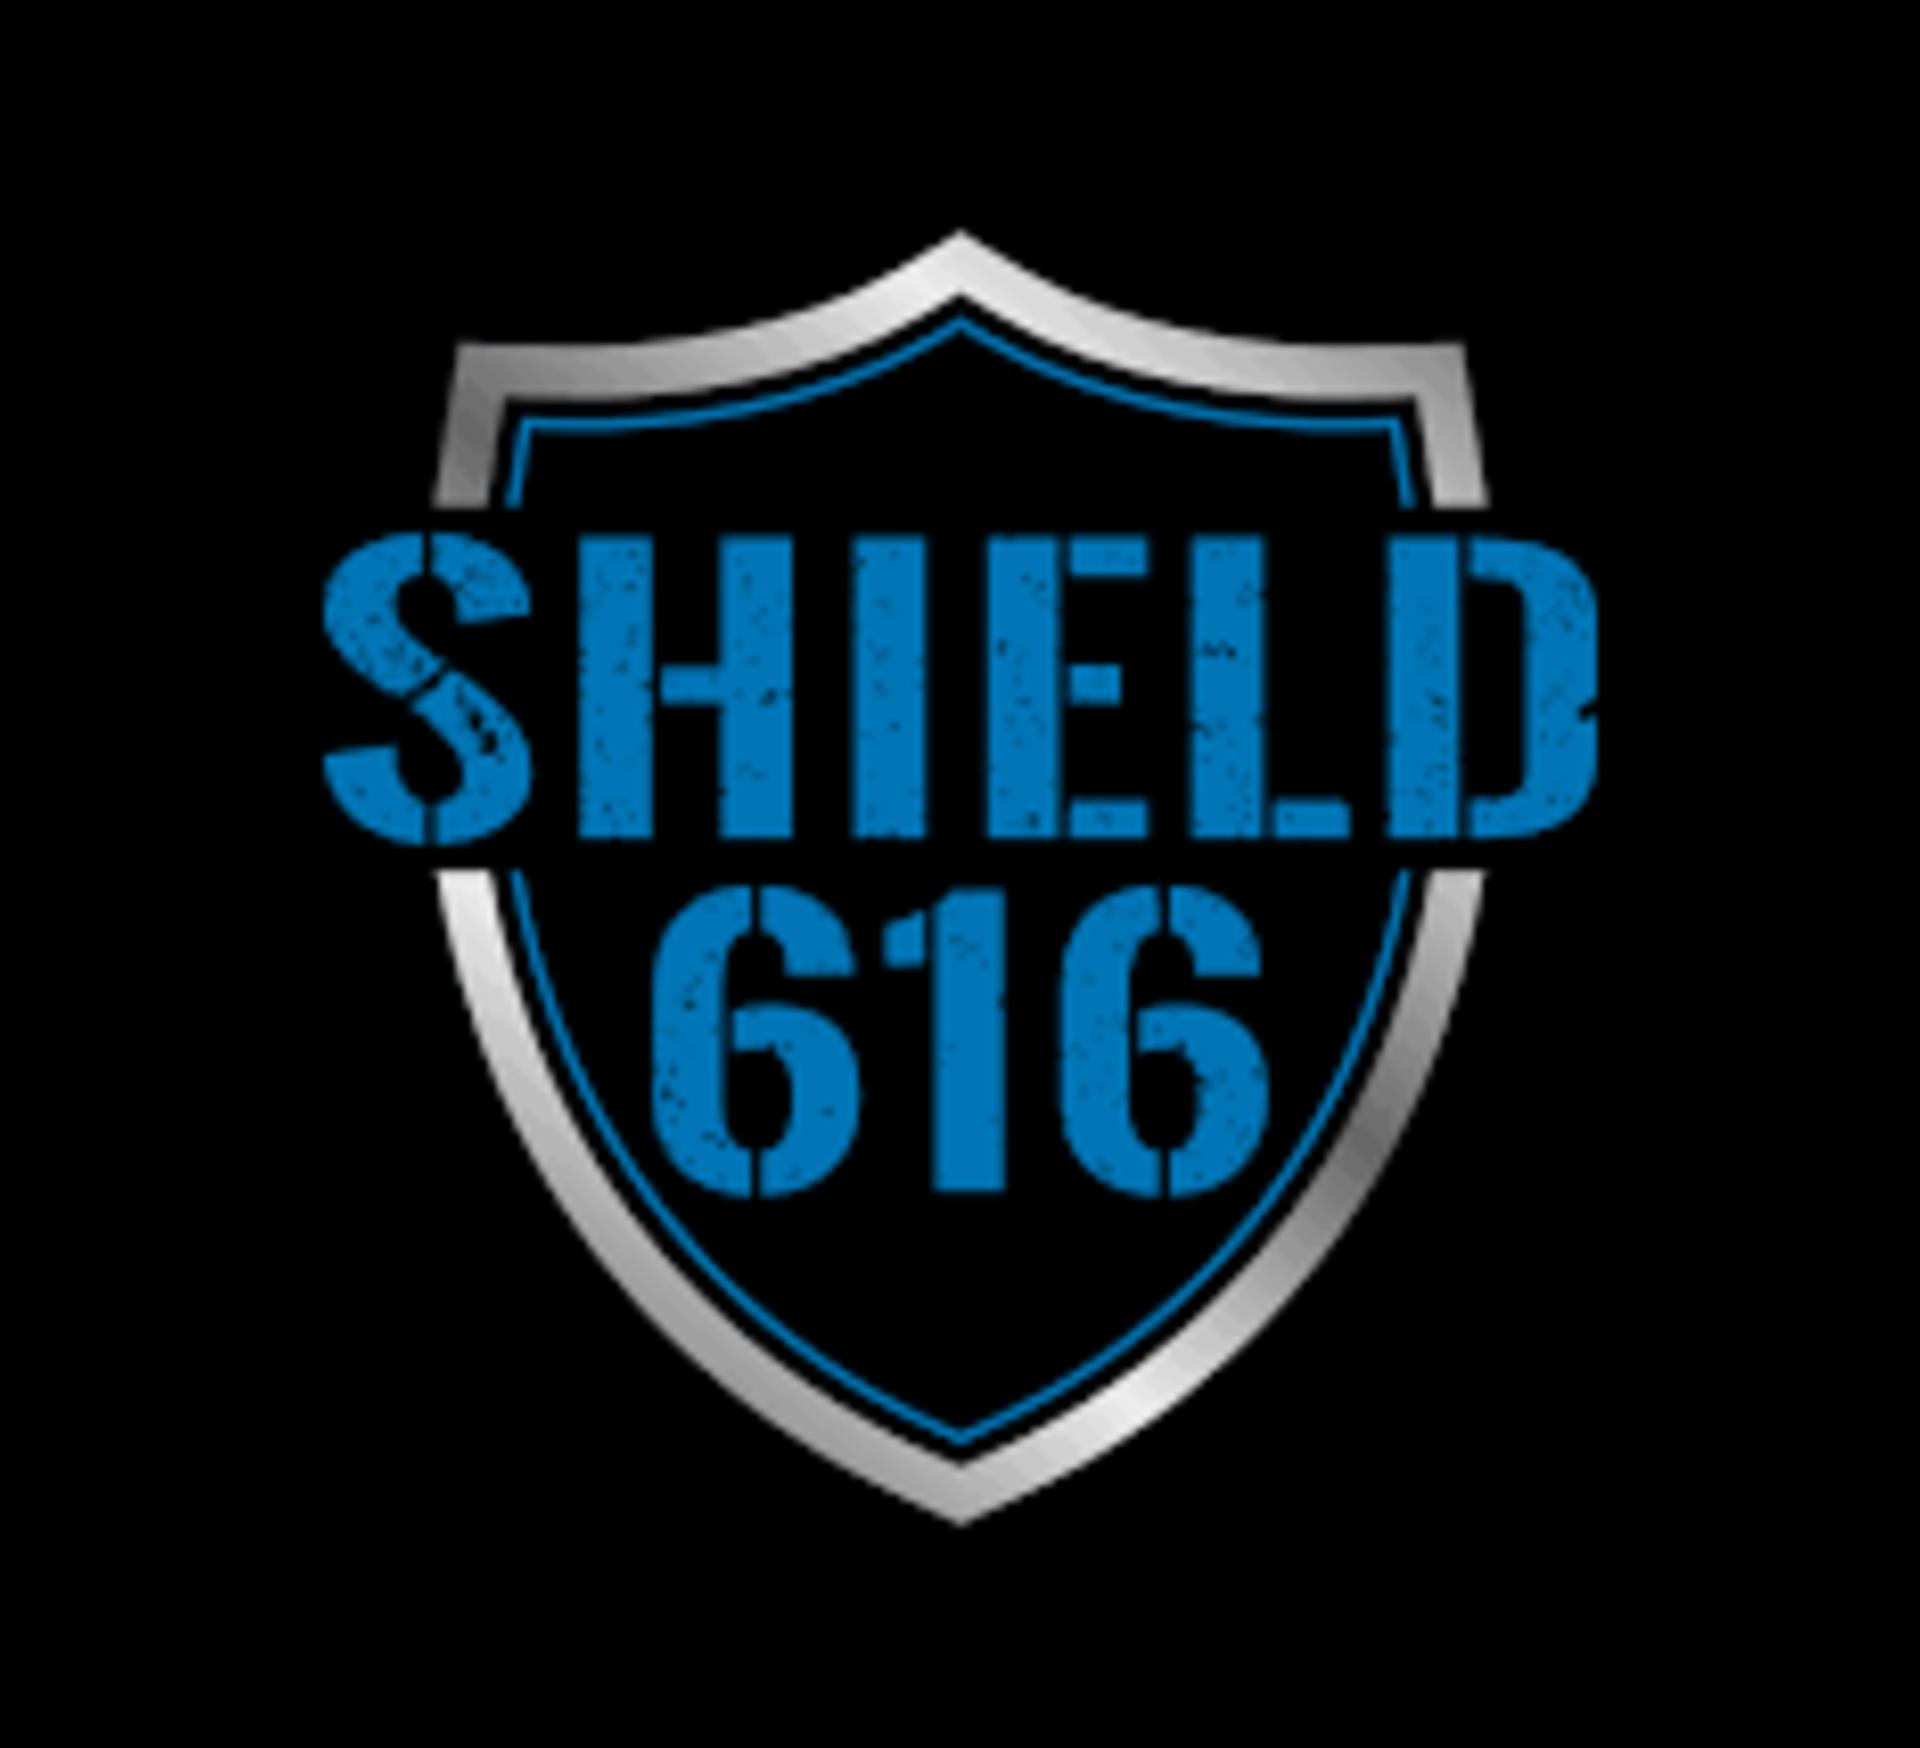 Denver Broncos Make Donation to SHIELD616